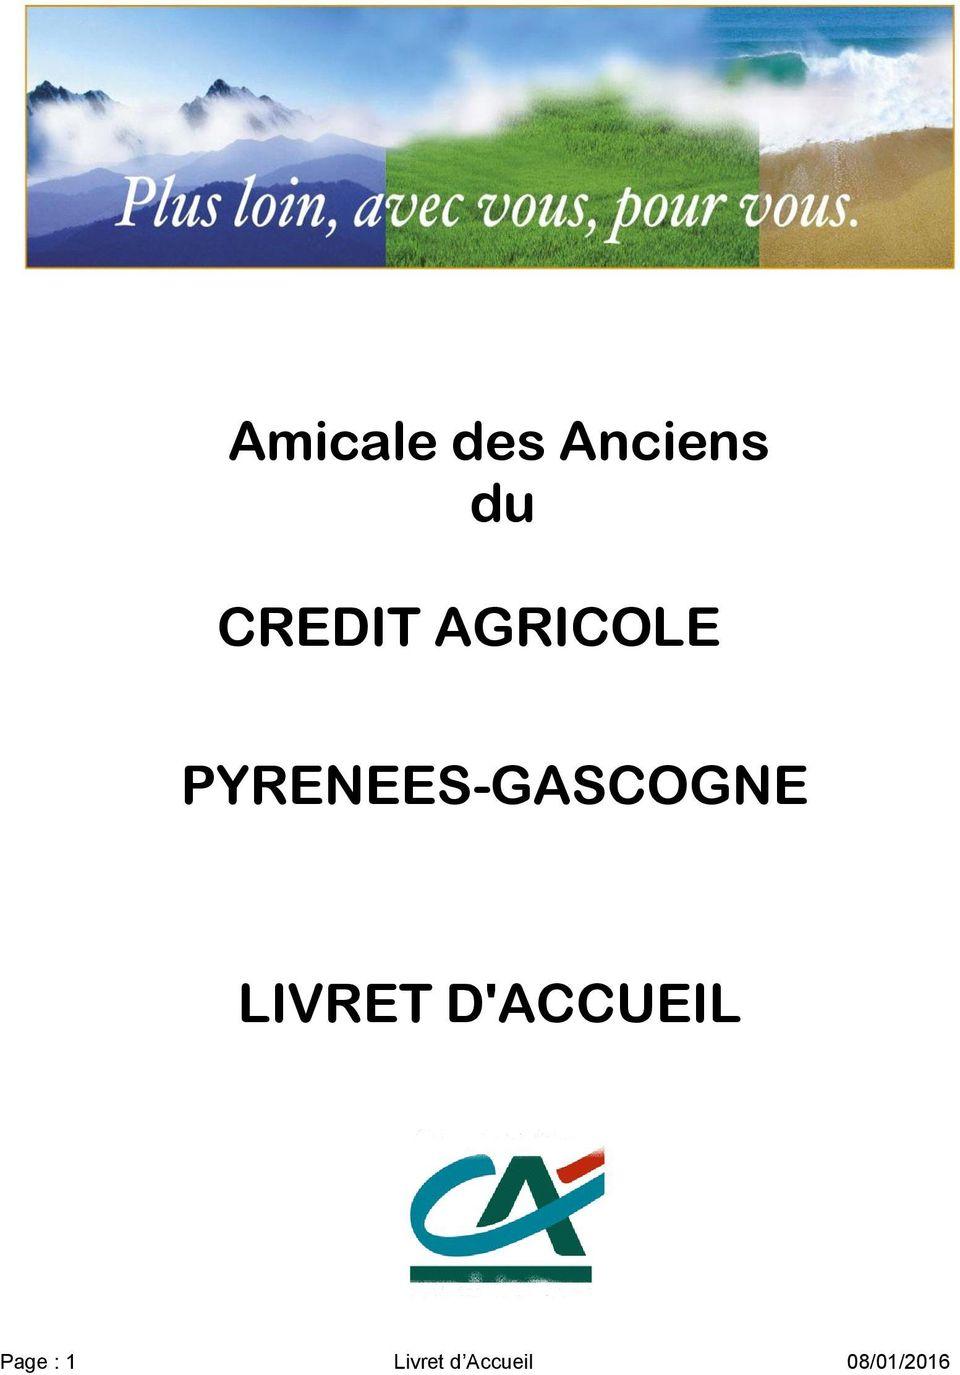 Credit Agricole En Ligne Pyrenees Gascogne : credit, agricole, ligne, pyrenees, gascogne, Amicale, Anciens, CREDIT, AGRICOLE, PYRENEES-GASCOGNE, LIVRET, D'ACCUEIL, Download